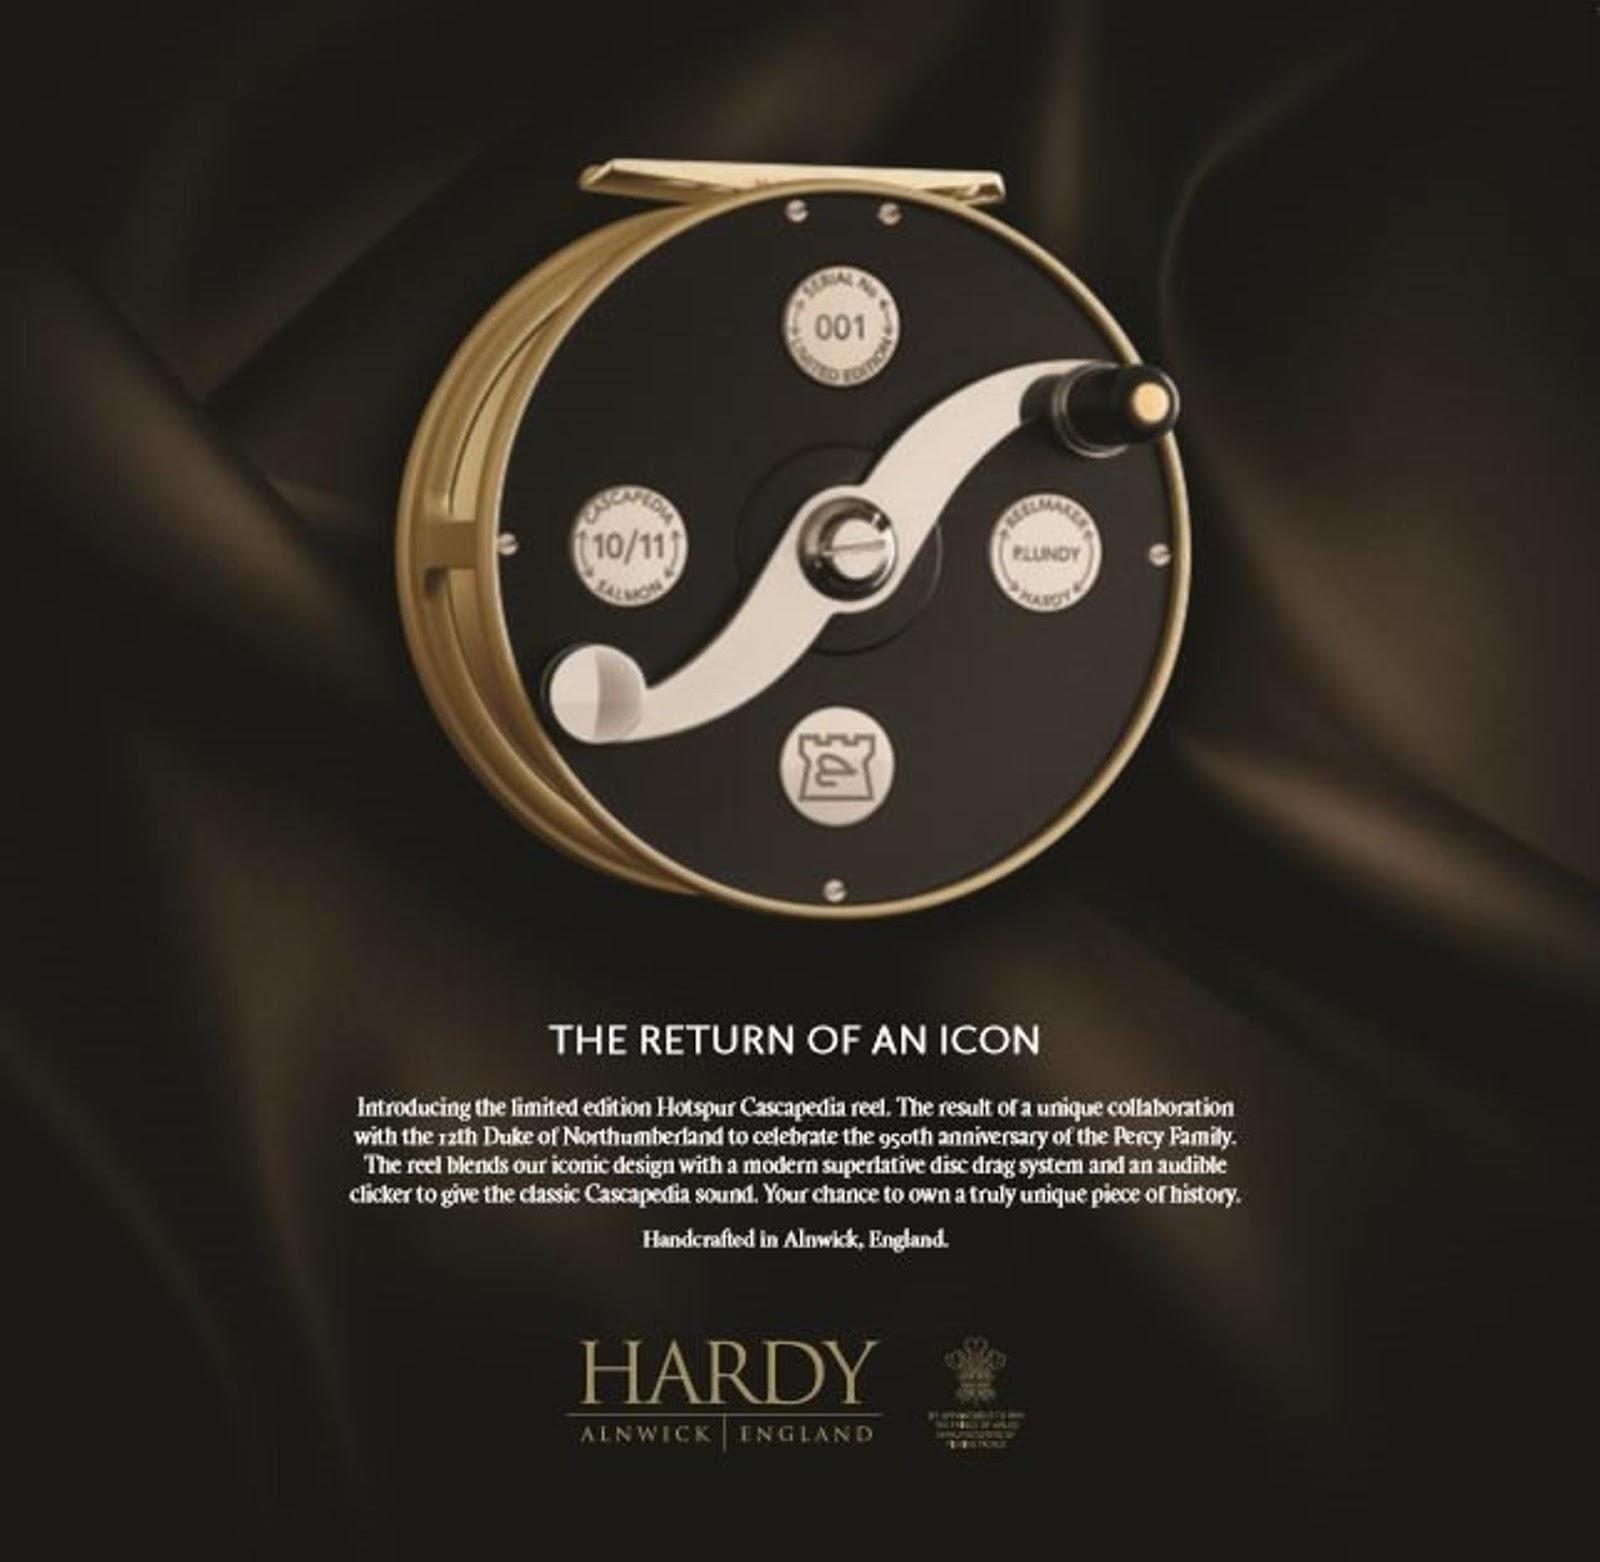 hardy hjul Cascapedia